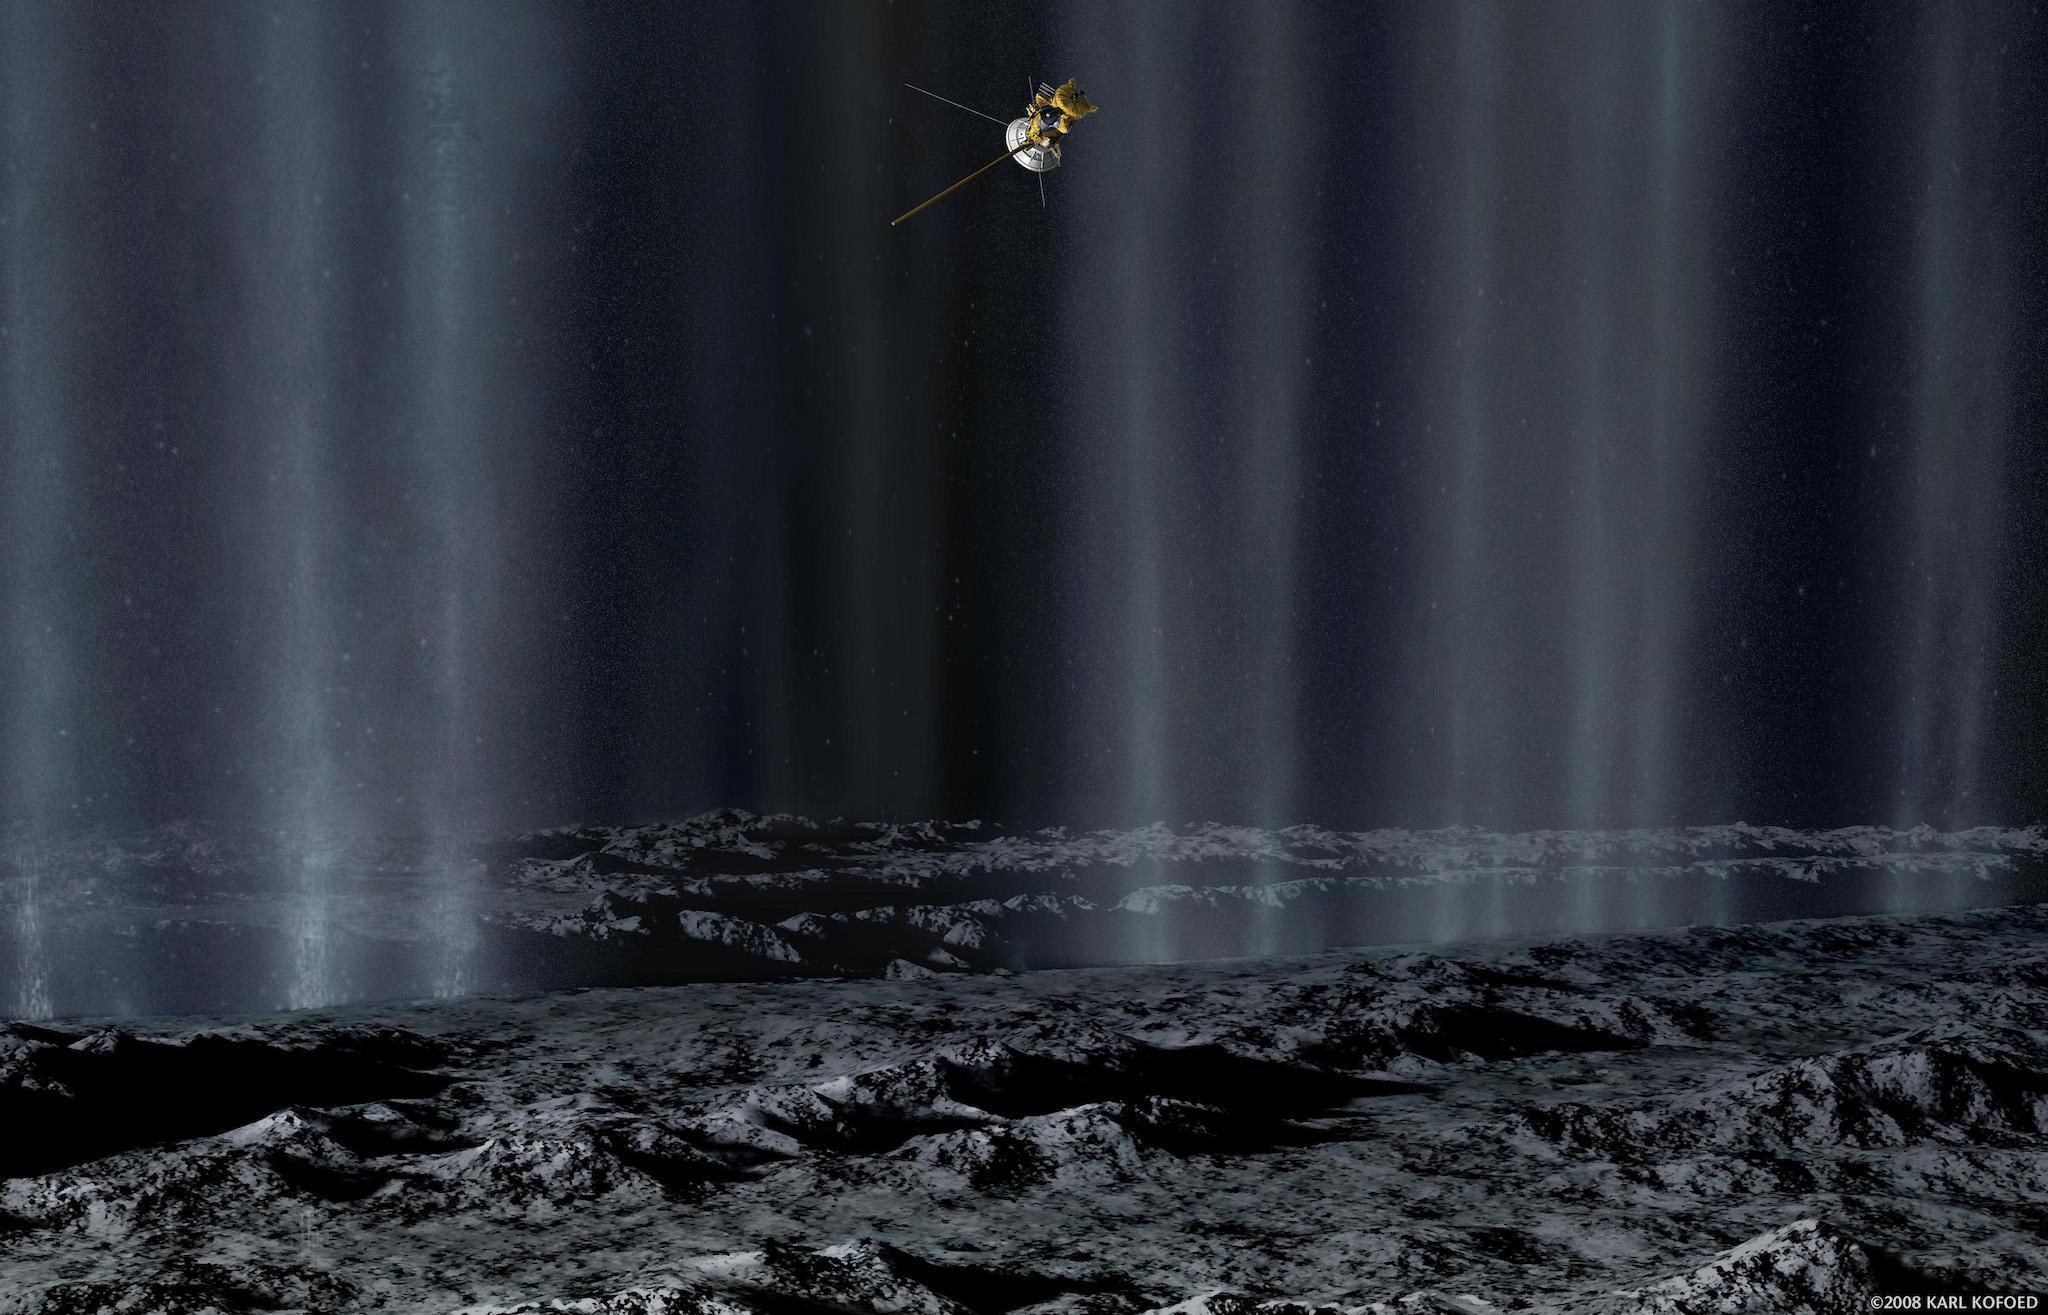 Сколько воды нужно для жизни где-нибудь еще в Солнечной системе